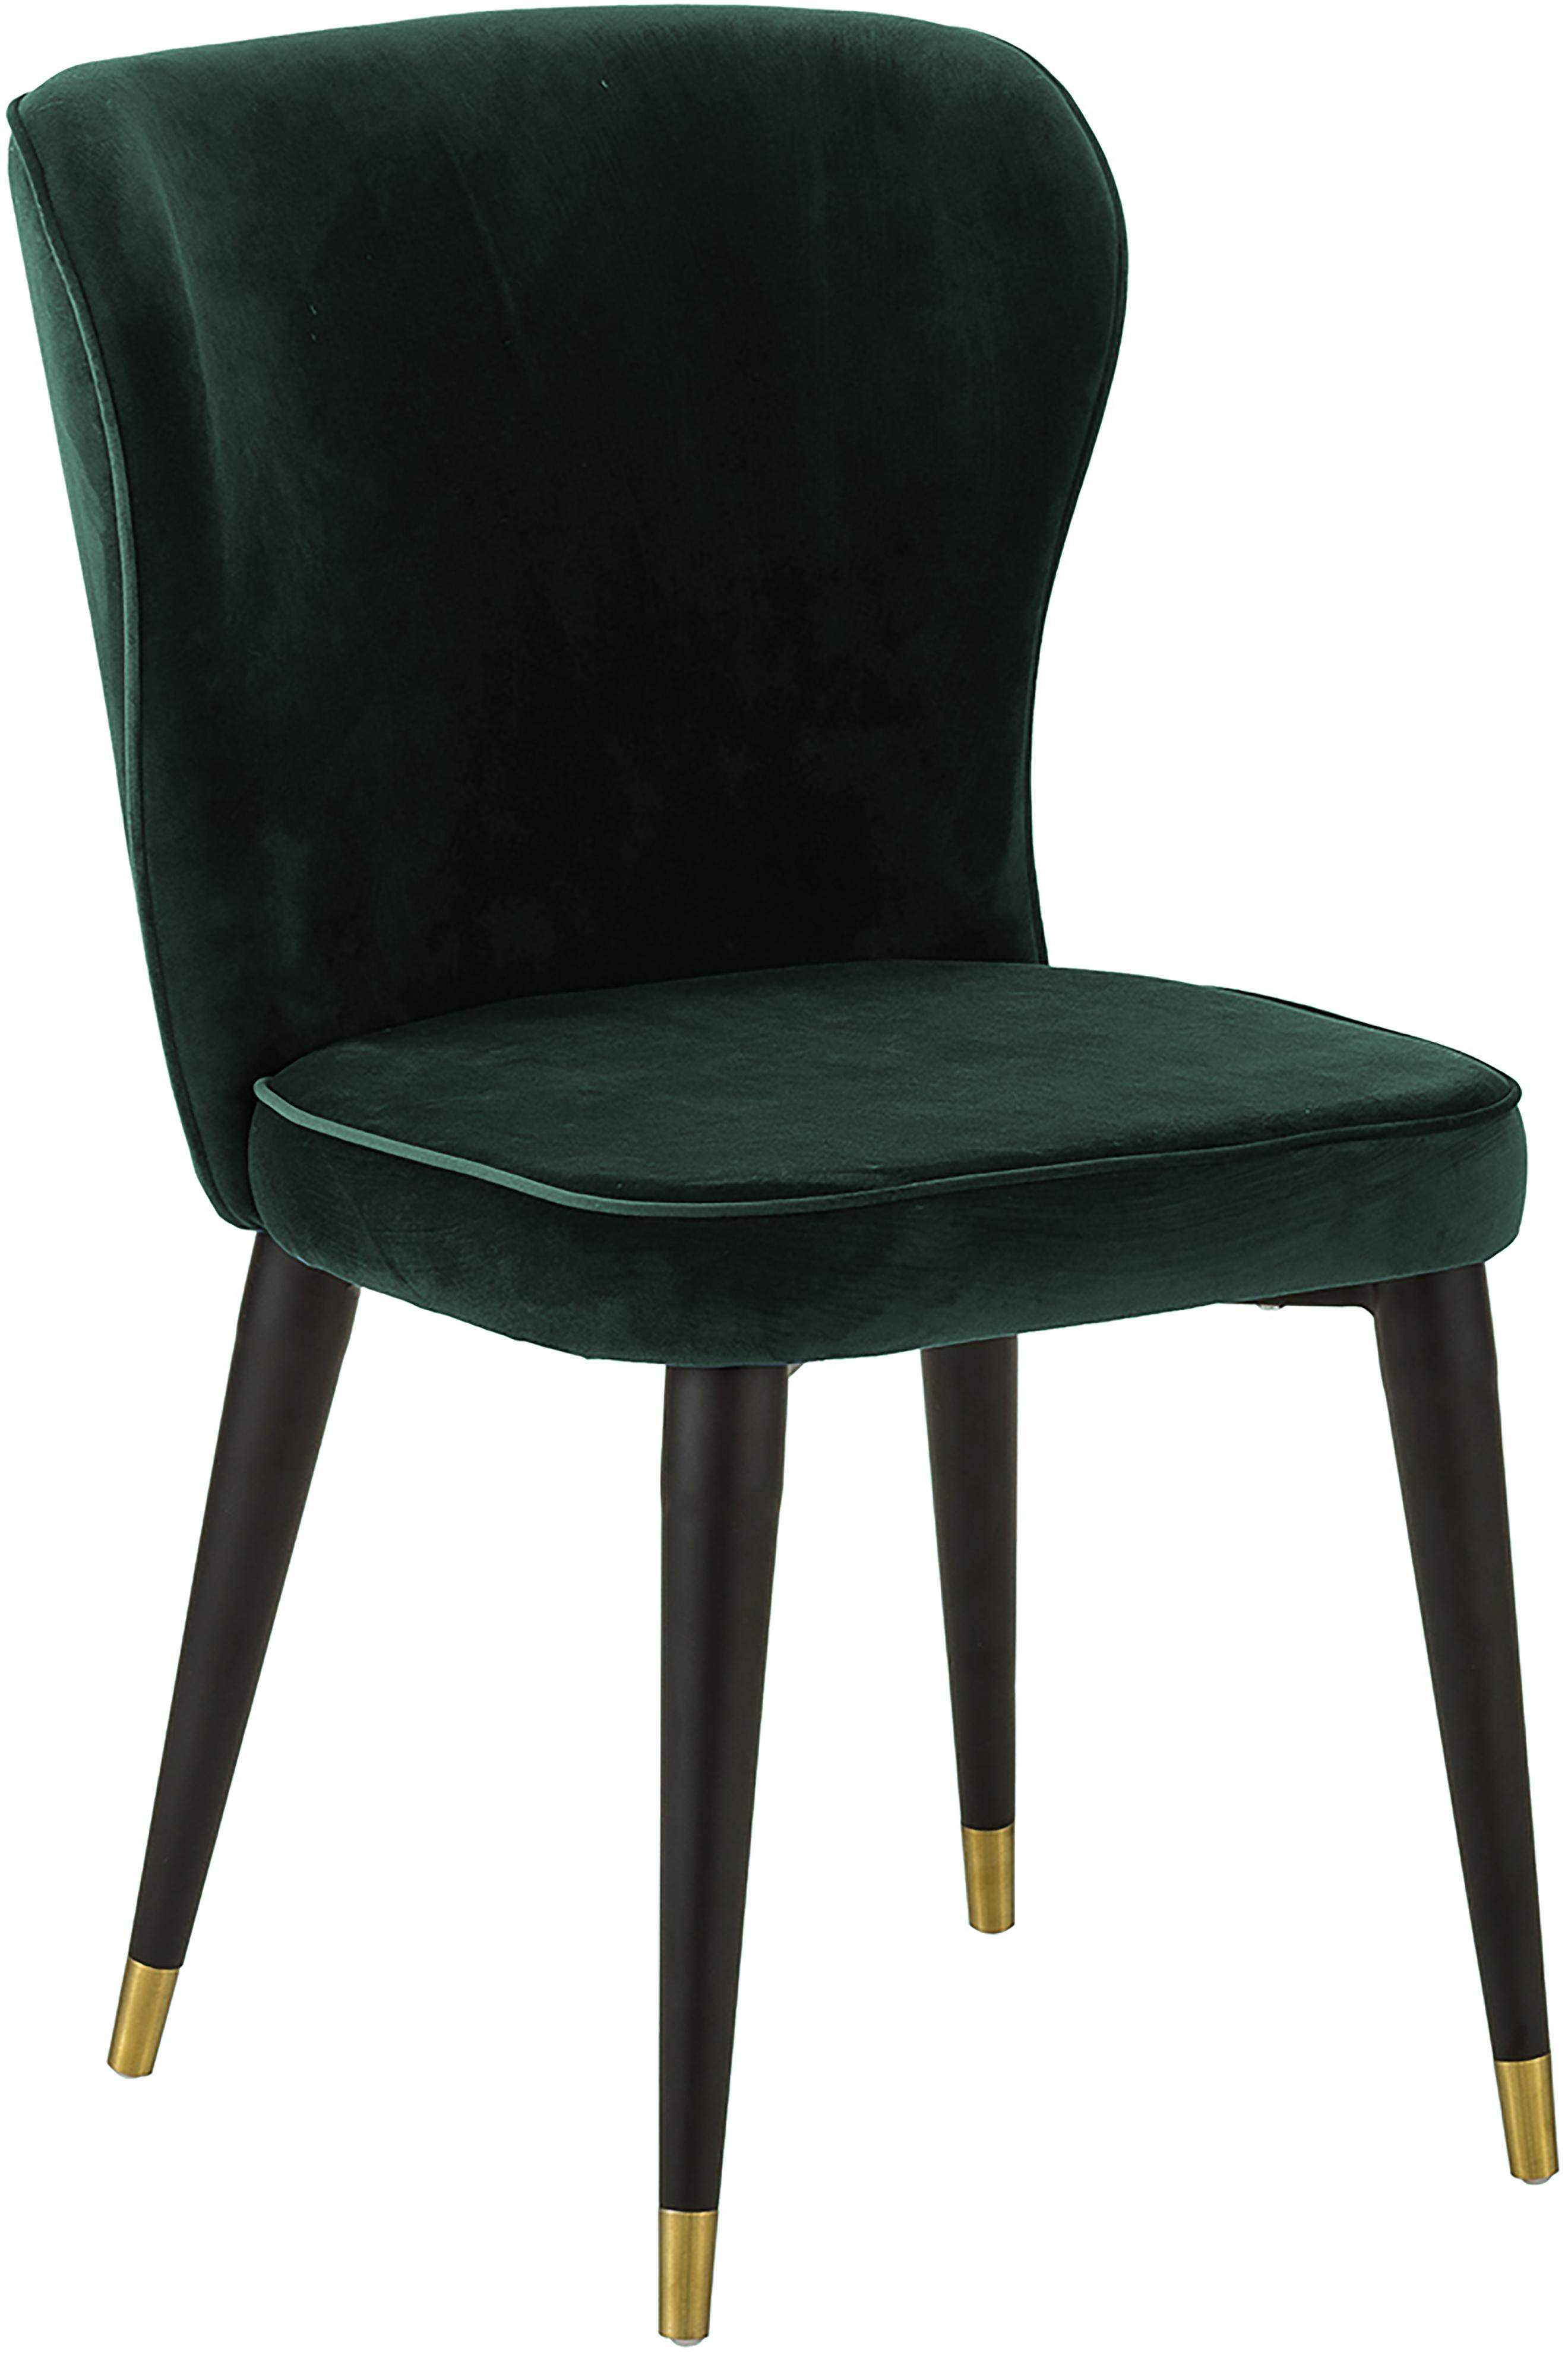 Sedia imbottita in velluto Cleo, Rivestimento: velluto (poliestere) 50.0, Gambe: metallo verniciato, Velluto verde scuro, Larg. 51 x Prof. 62 cm